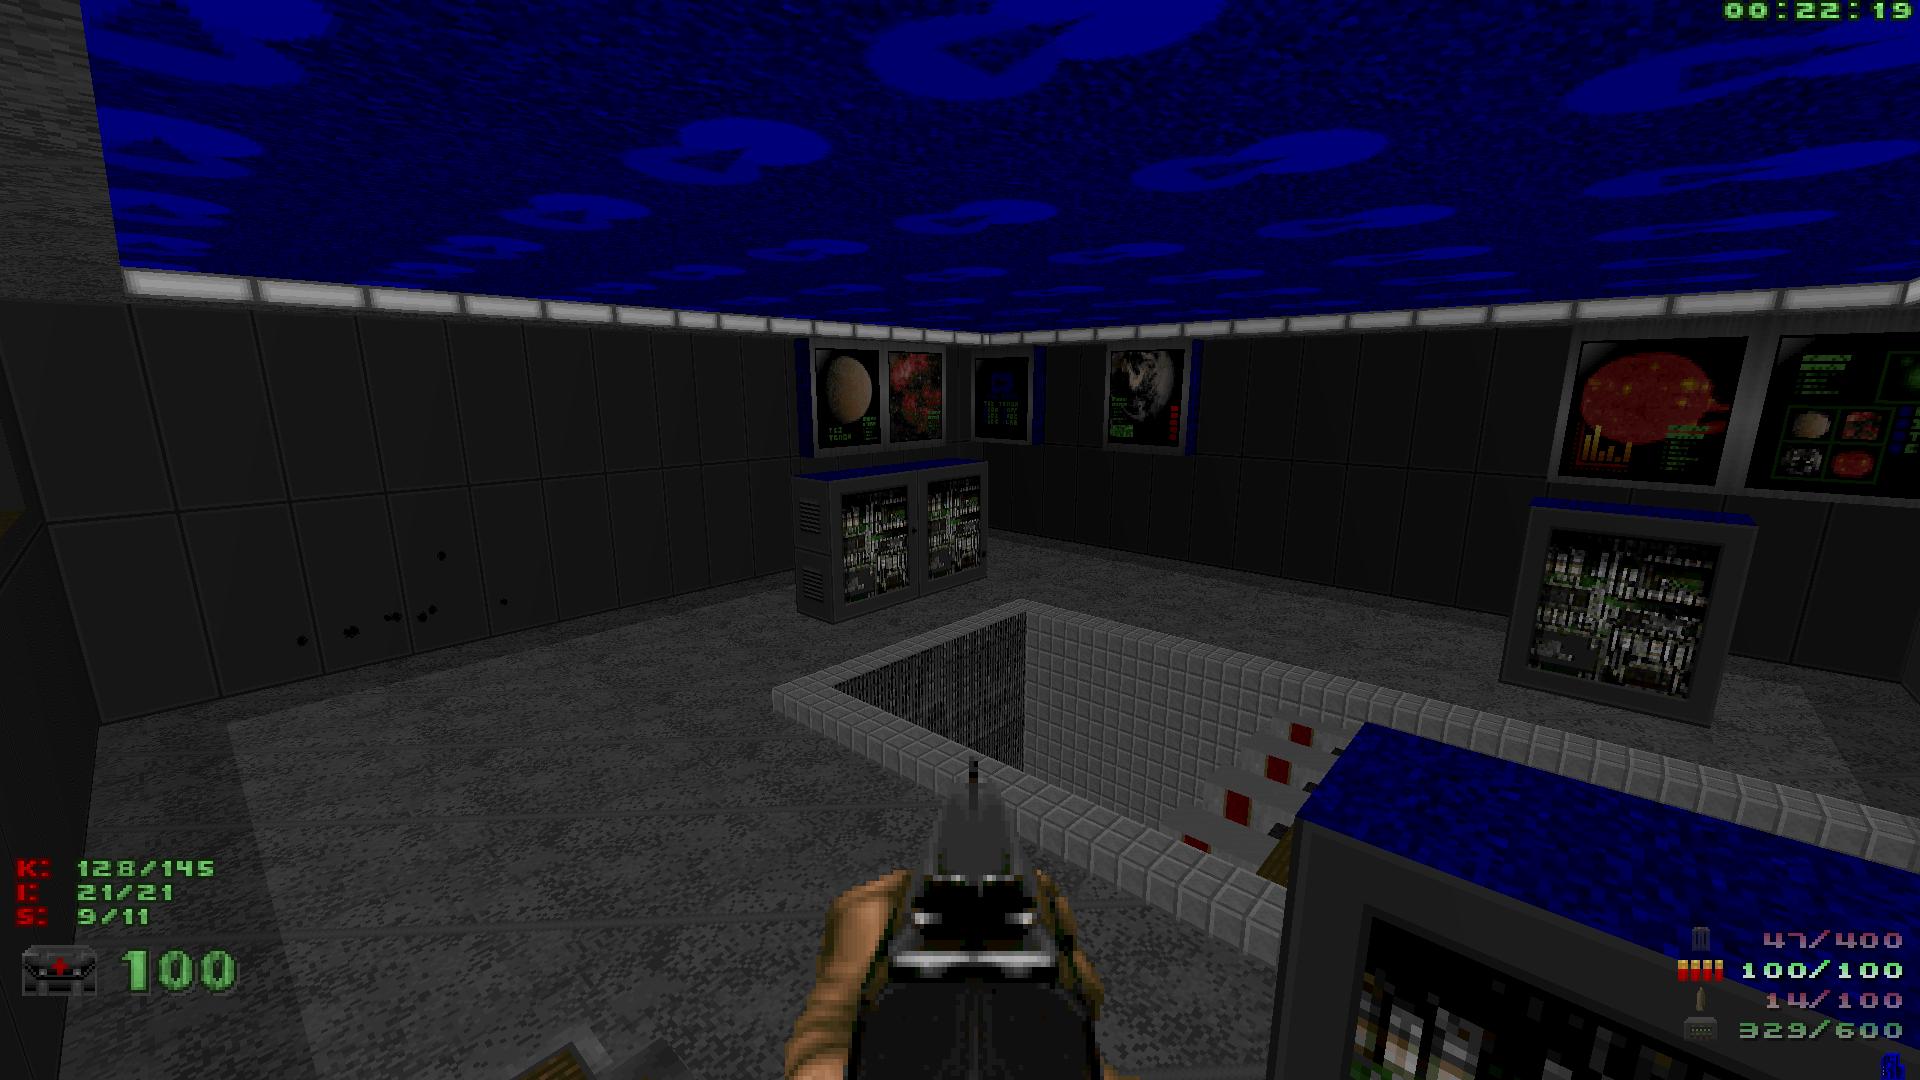 Screenshot_Doom_20210227_113628.png.a68925799b999d9e23c9a9fbddd5dea5.png